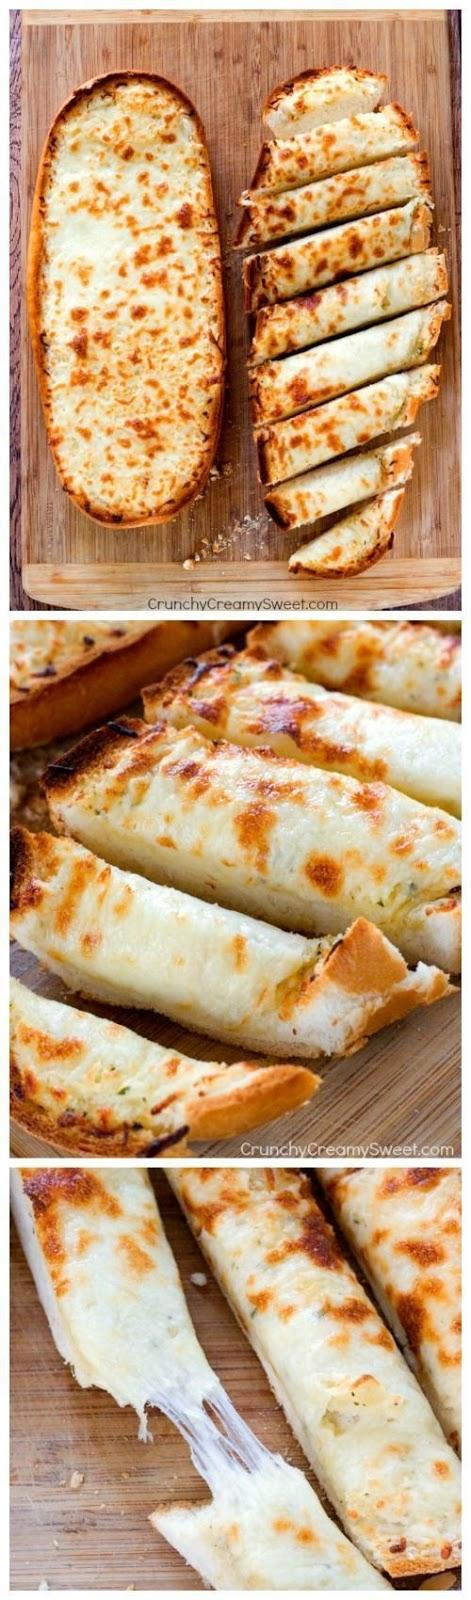 Easy Cheesy Garlic Bread #GARLICBREAD #CHEESYGARLIC #EASYRECIPES #LUNCH #FOODHUNTER